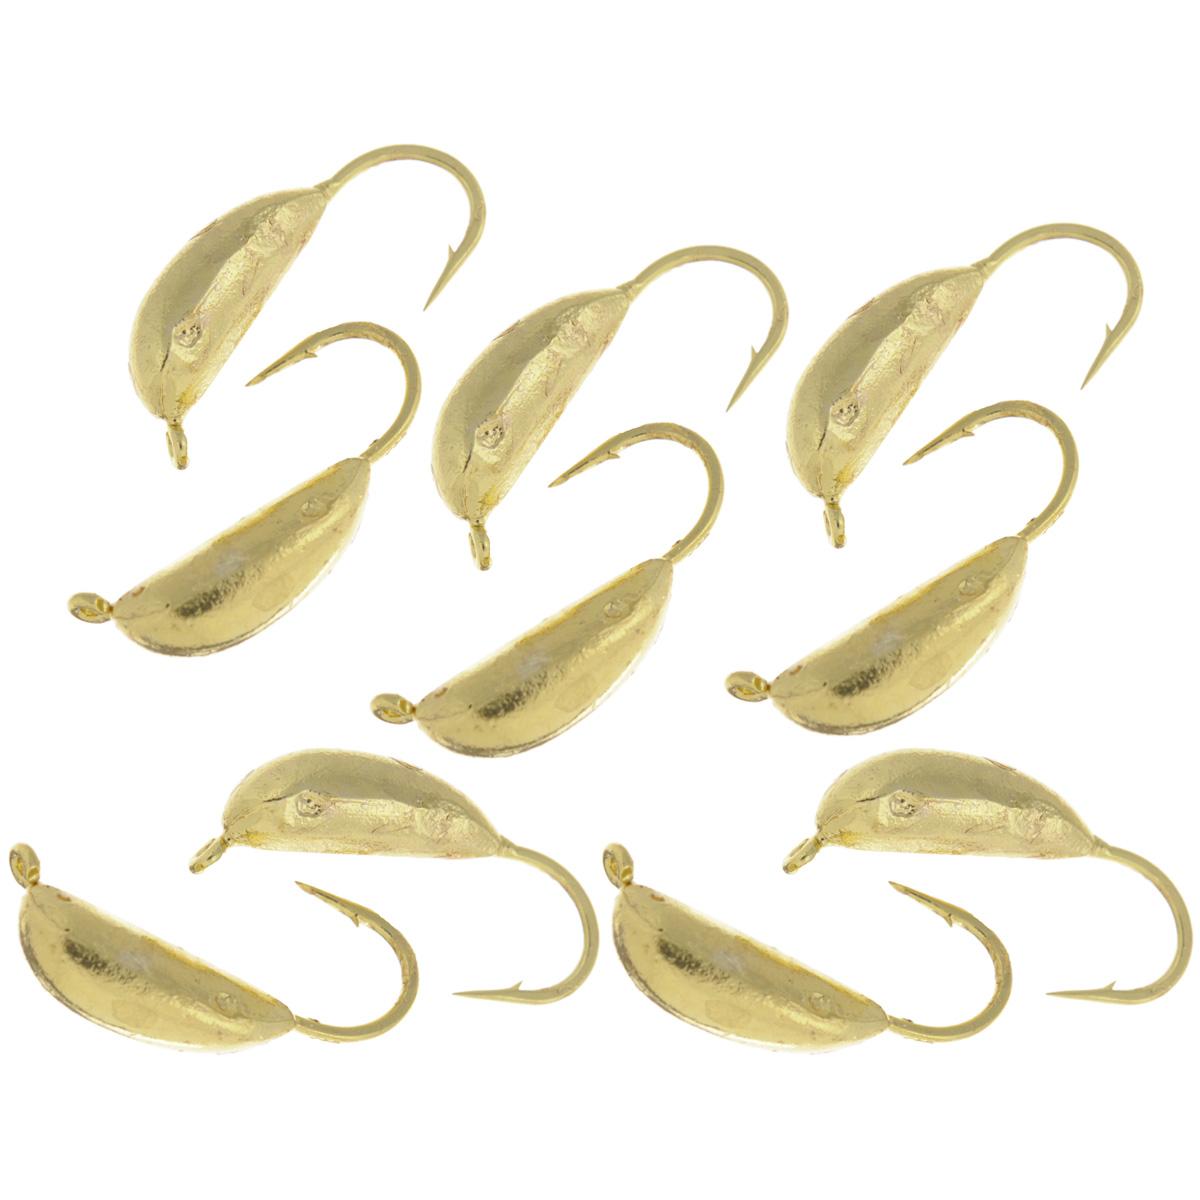 Мормышка вольфрамовая Dixxon-Russia, рижский банан, цвет: золотой, диаметр 4 мм, 0,8 г, 10 шт010-01199-23Мормышка Dixxon-Russia изготовлена из вольфрама и оснащена крючком. Главное достоинство вольфрамовой мормышки - большой вес при малом объеме. Эта особенность дает большие преимущества при ловле, так как позволяет быстро погрузить приманку на требуемую глубину и лучше чувствовать игру мормышки.